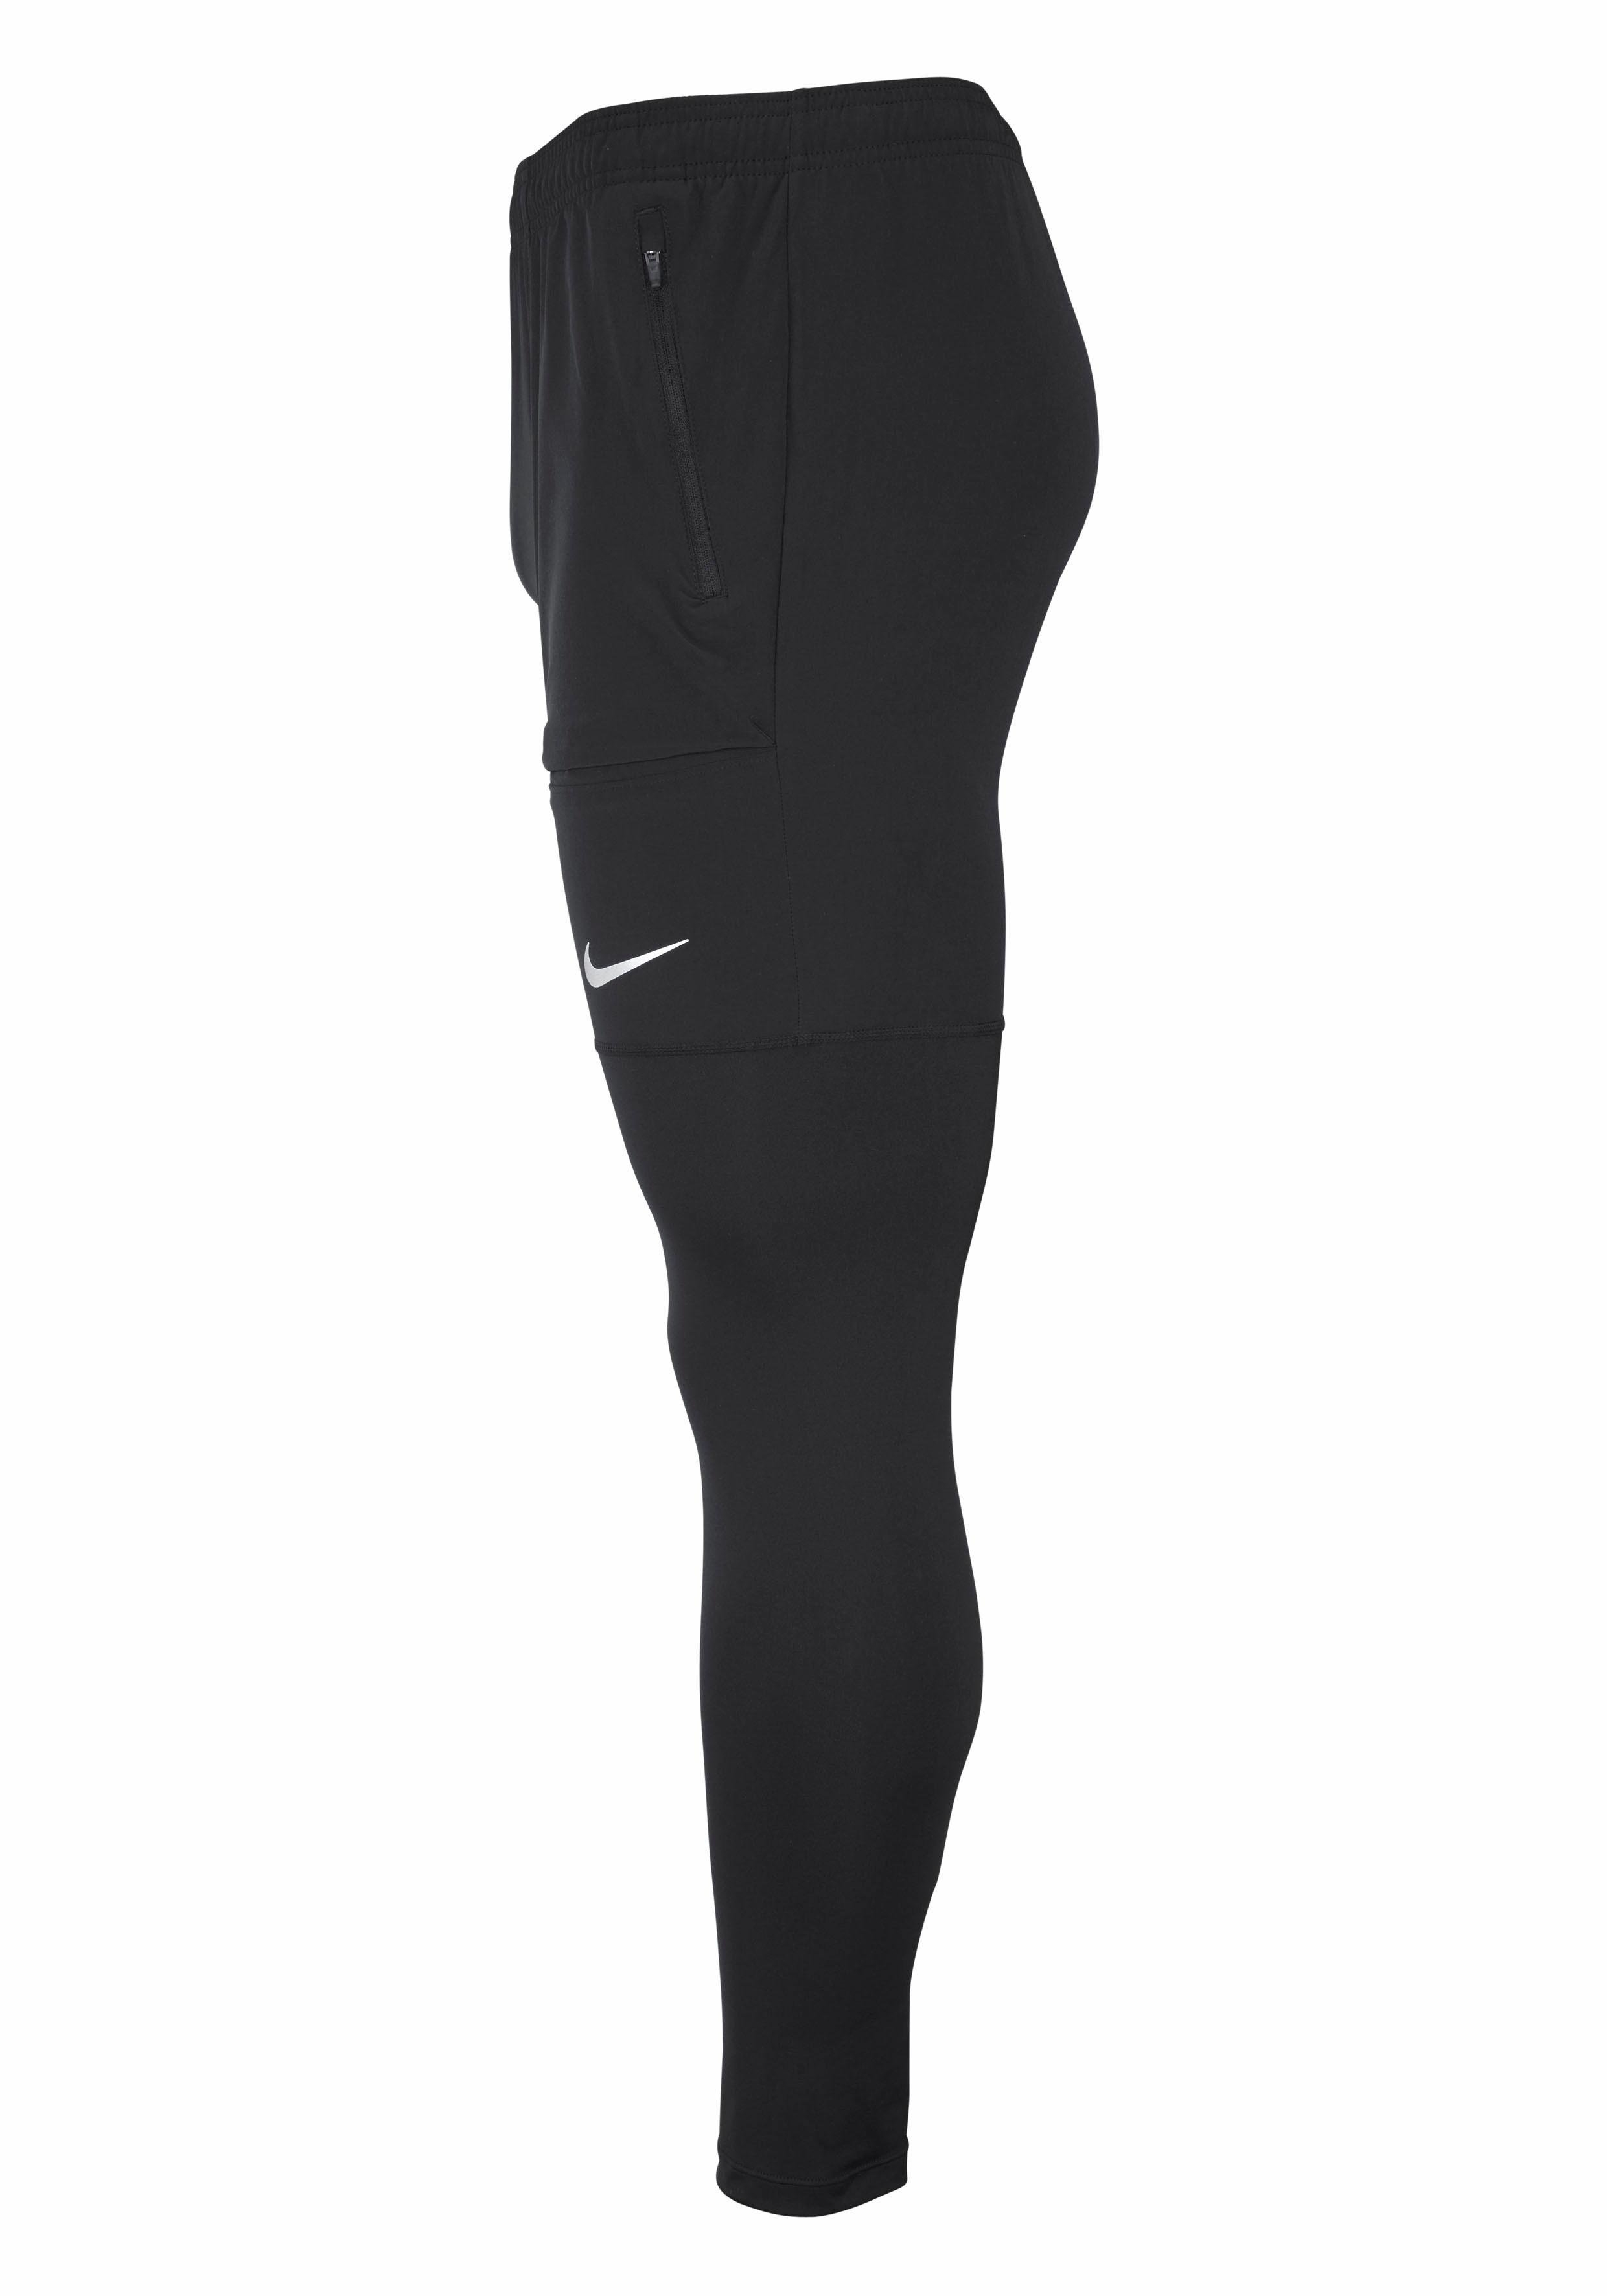 Hybrid Pant Online Runningbroekessentials Nike Bestellen SzVpqMGU